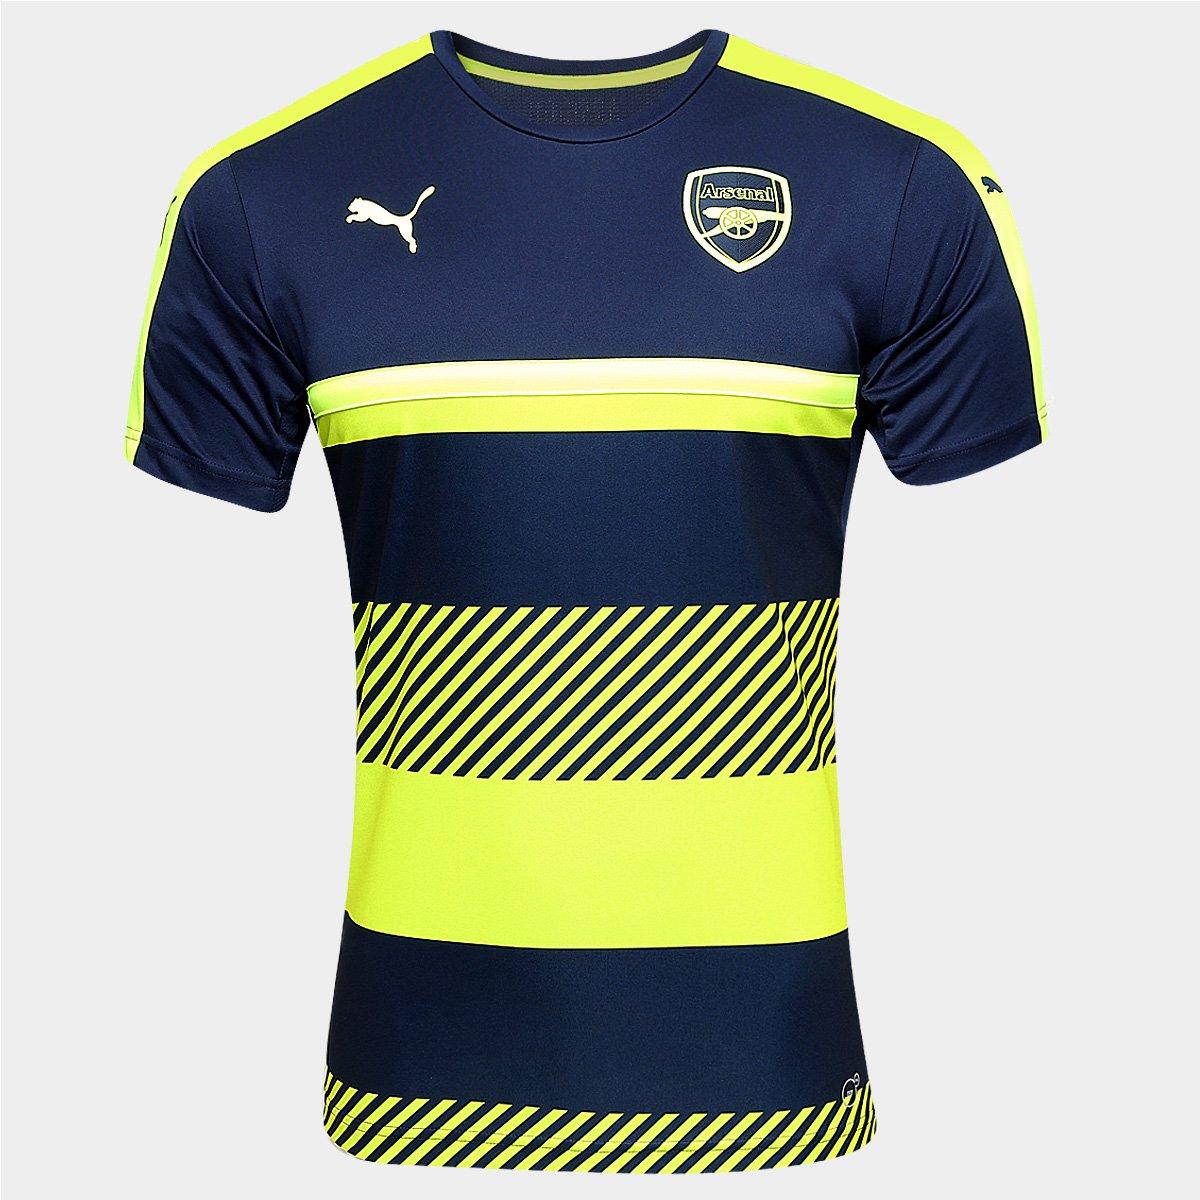 Camisa de Treino Arsenal Training Puma Masculina - Compre Agora ... 833728627251e